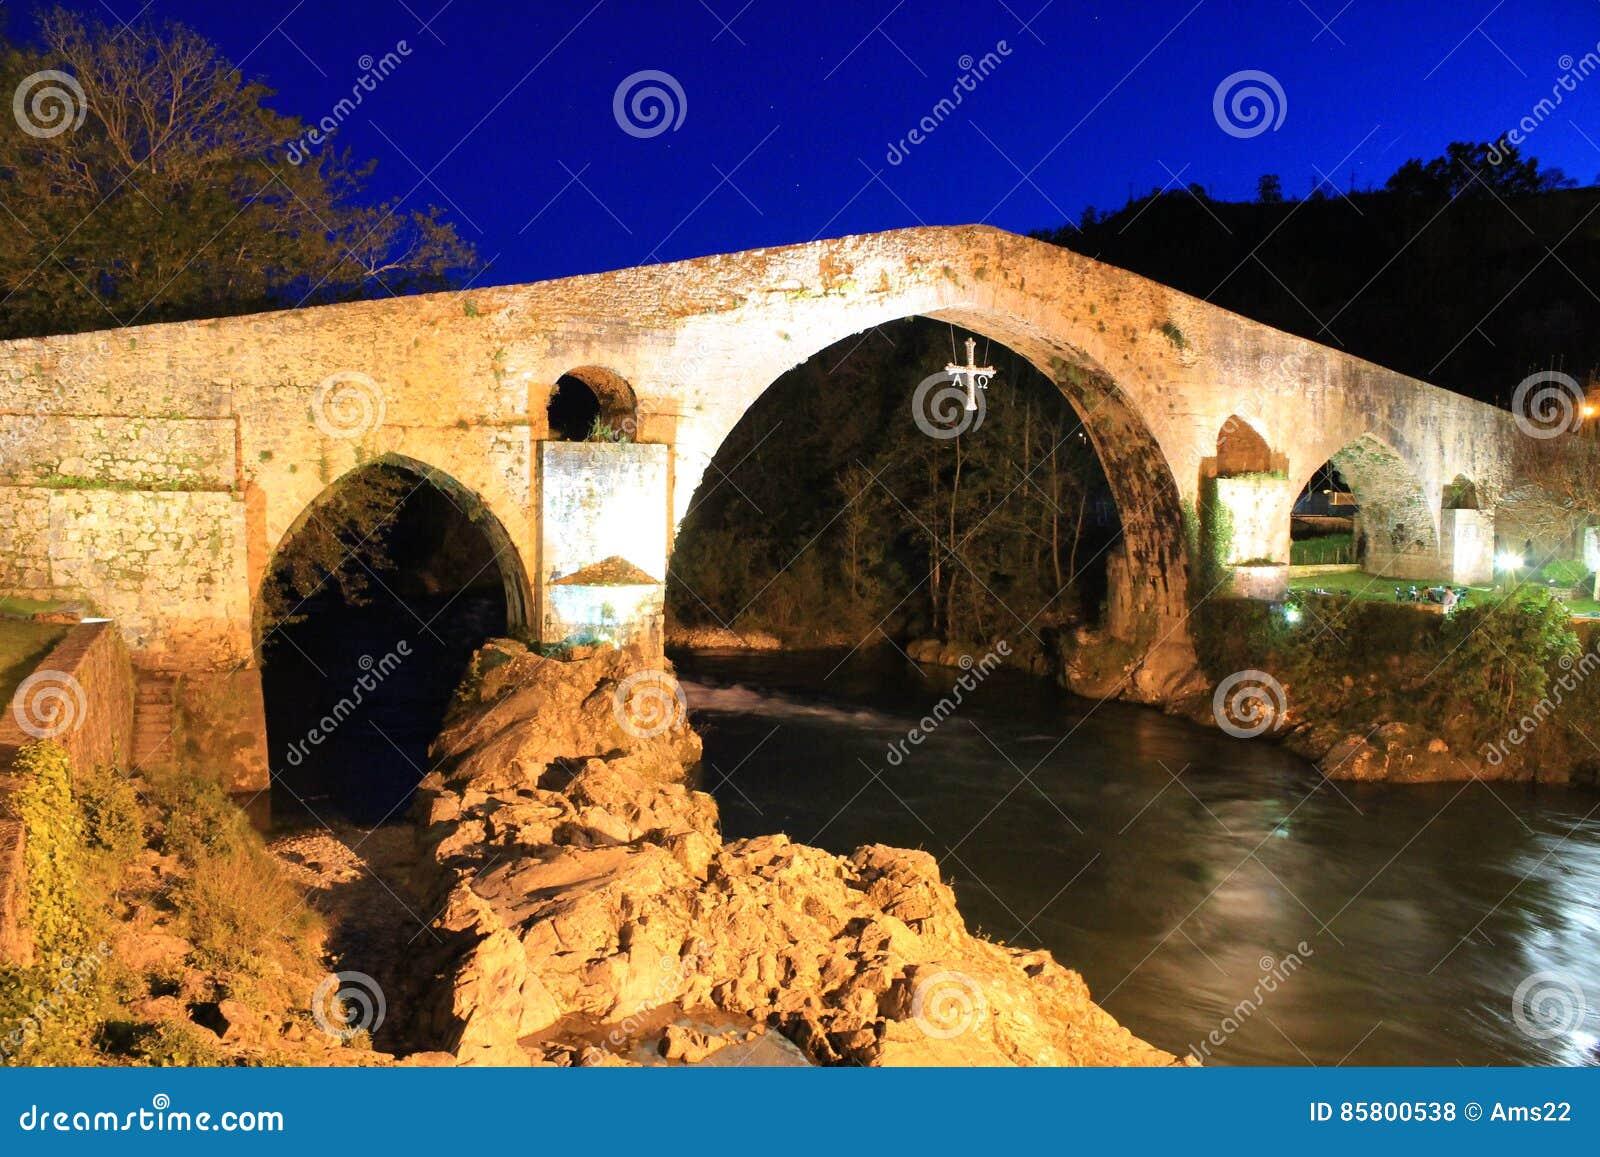 Puente de Cangas De onÃs, Asturias, Hiszpania